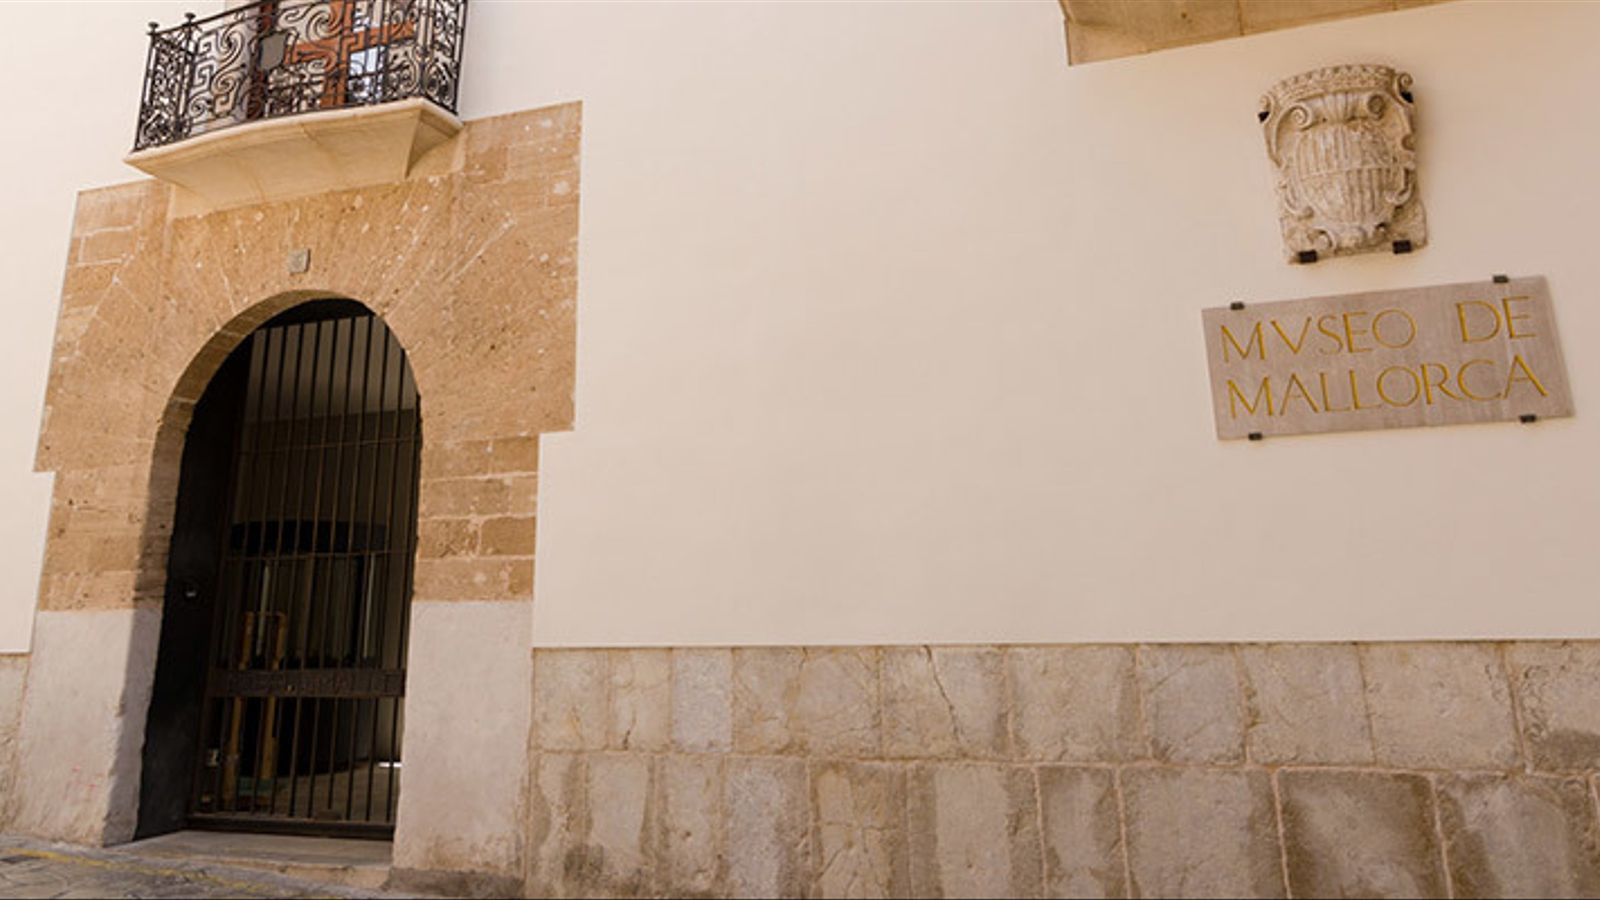 Imatge d'arxiu de l'entrada del Museu de Mallorca.